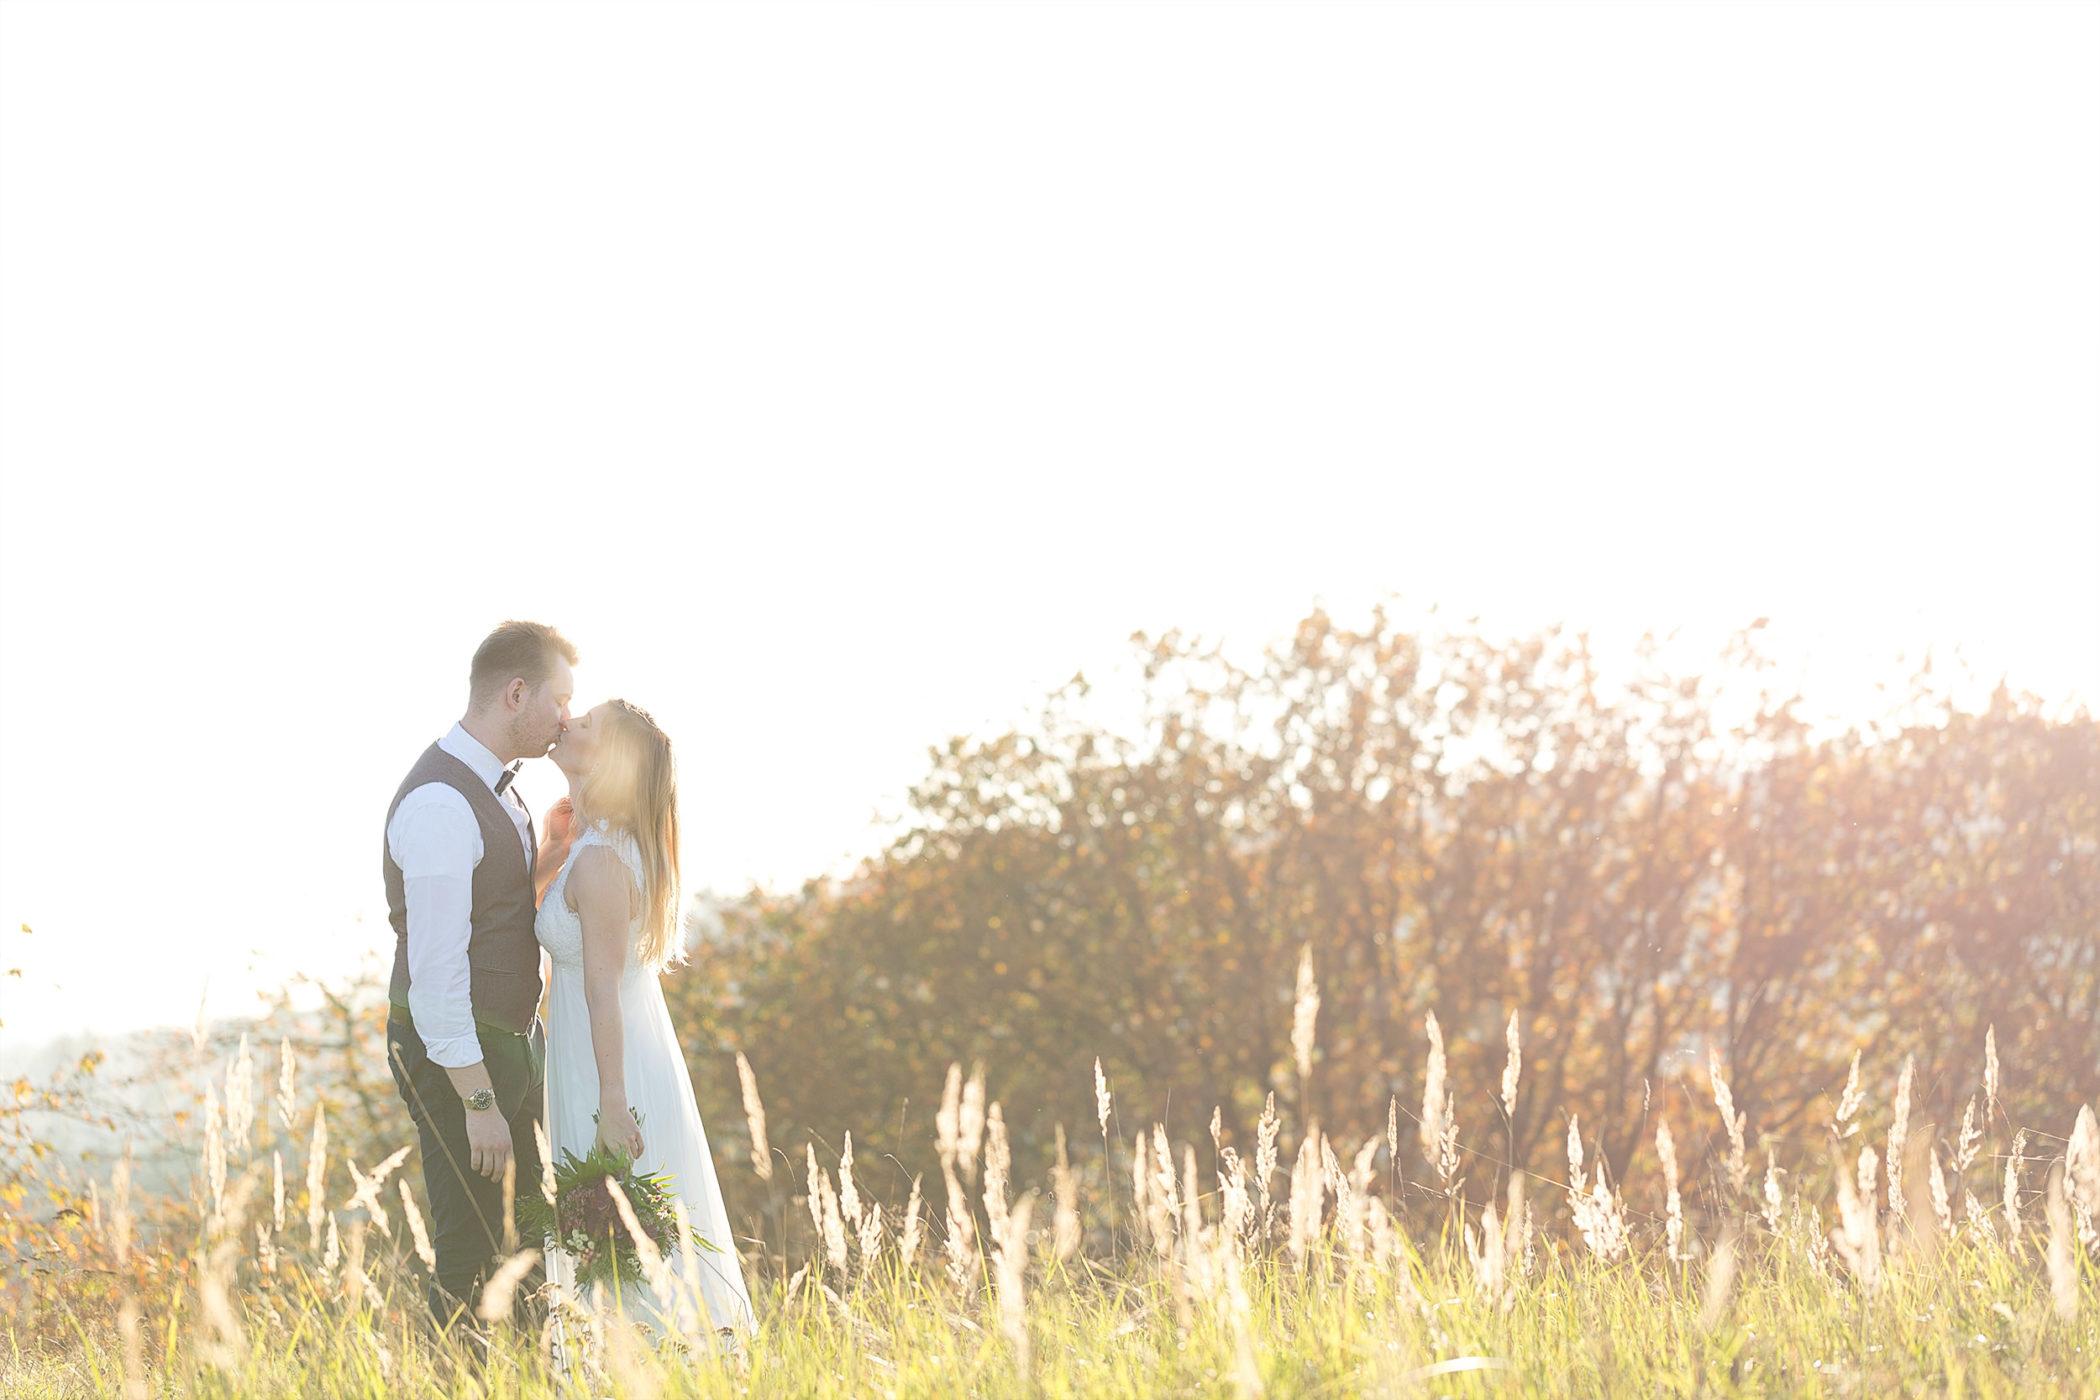 Küssendes Hochzeitspaar auf einer Wiese im Gegenlicht.